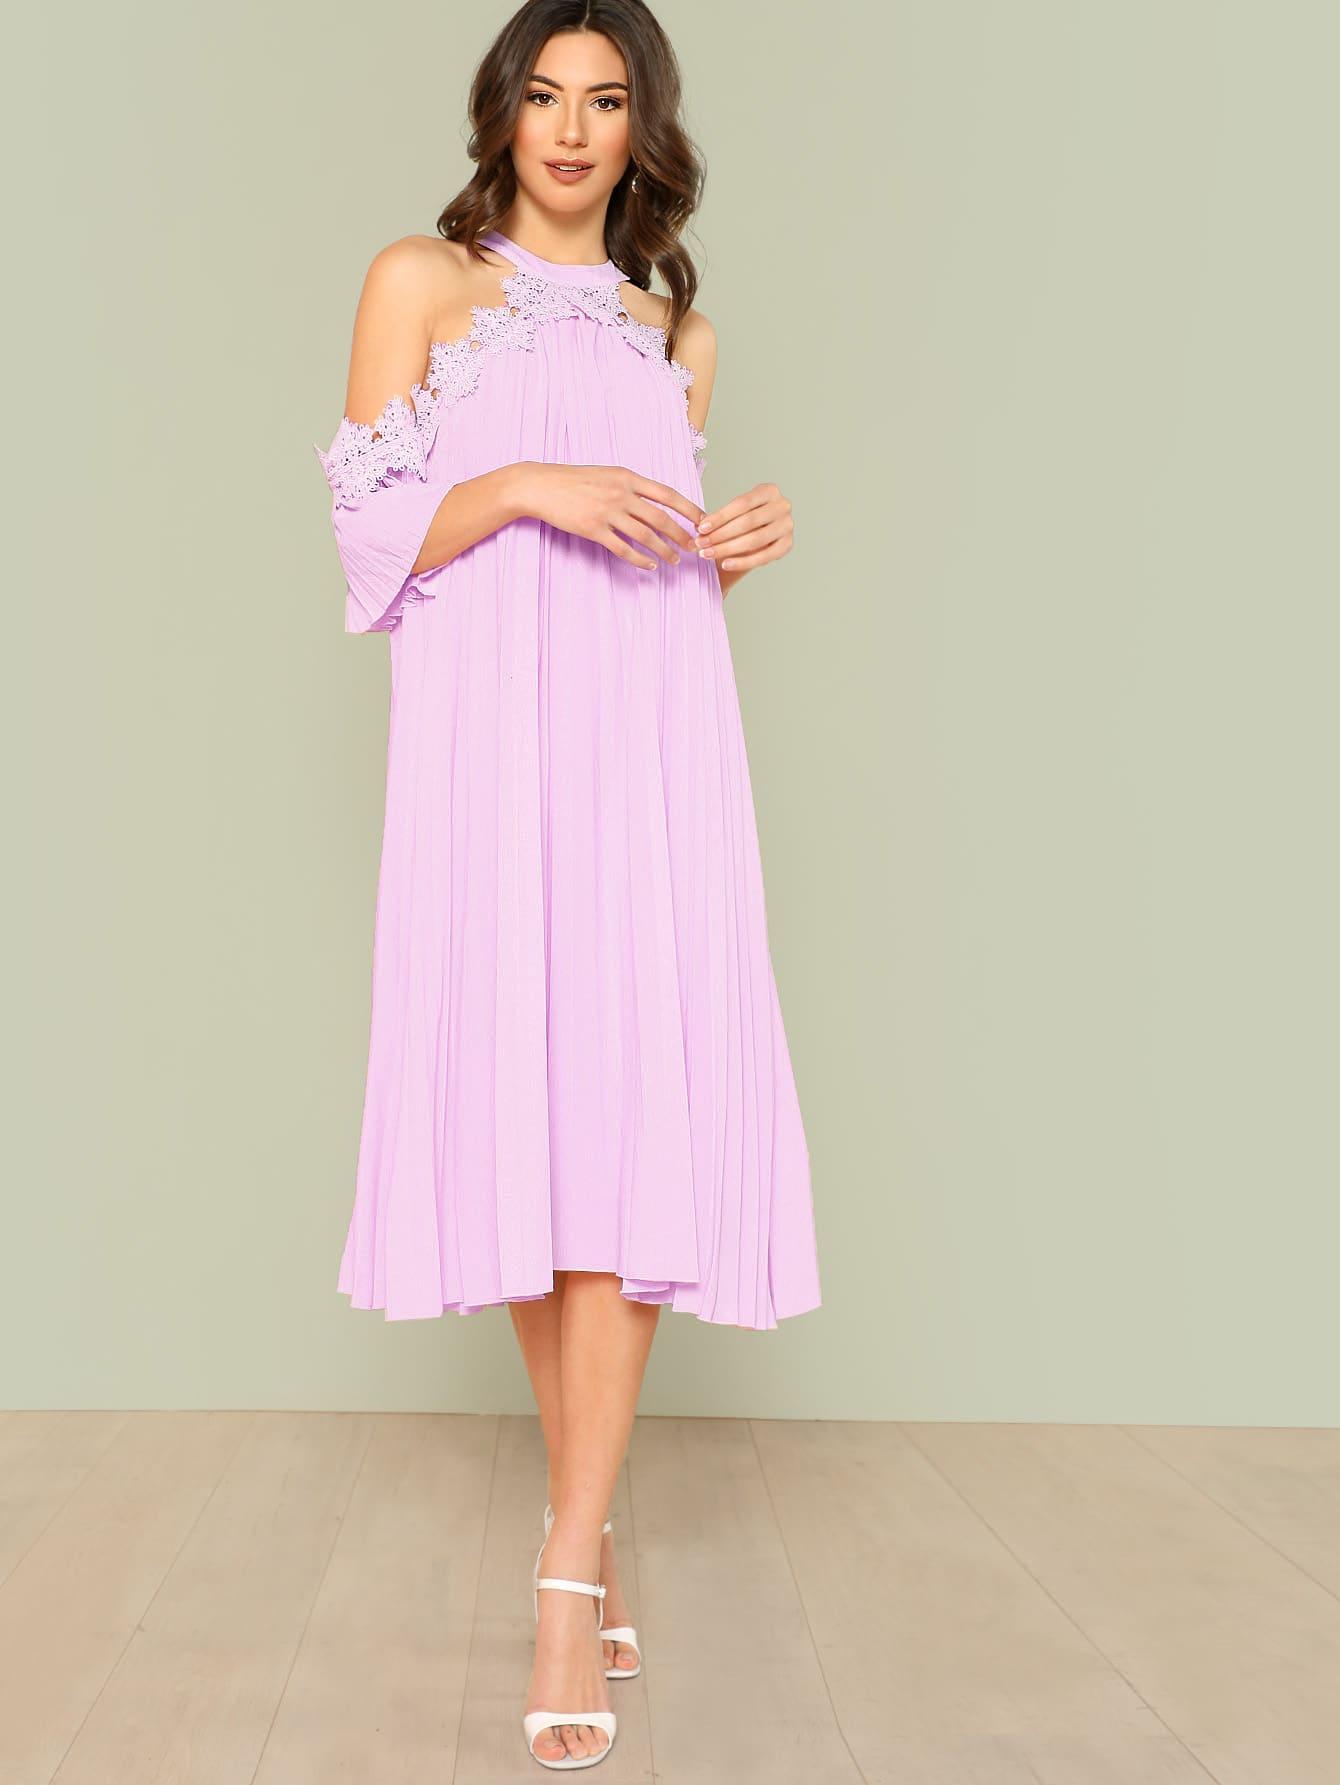 Кружевное аппликационное платье Halter Cold Shoulder Swing Dress